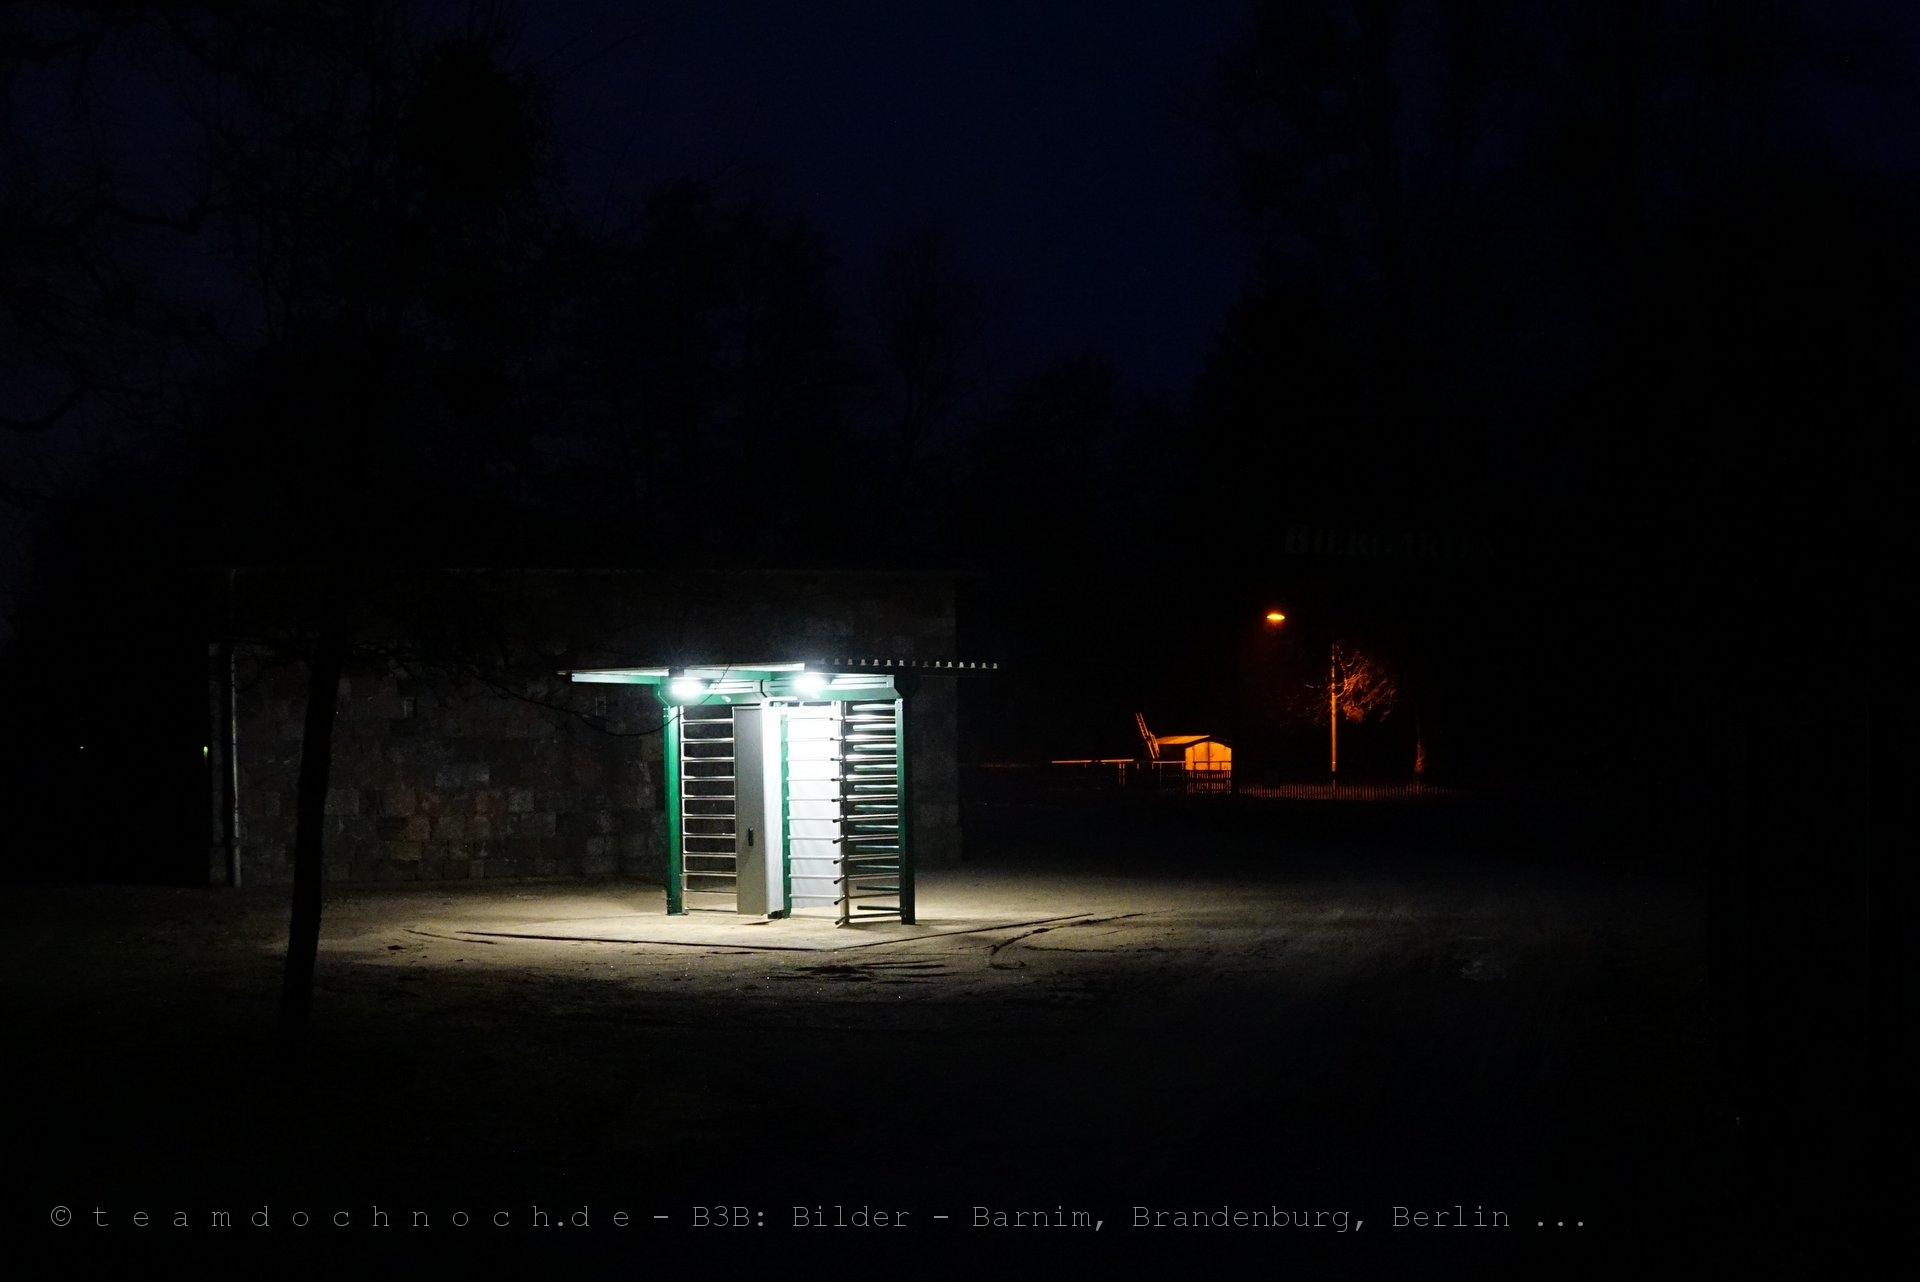 Eine Drehtür in der Nacht